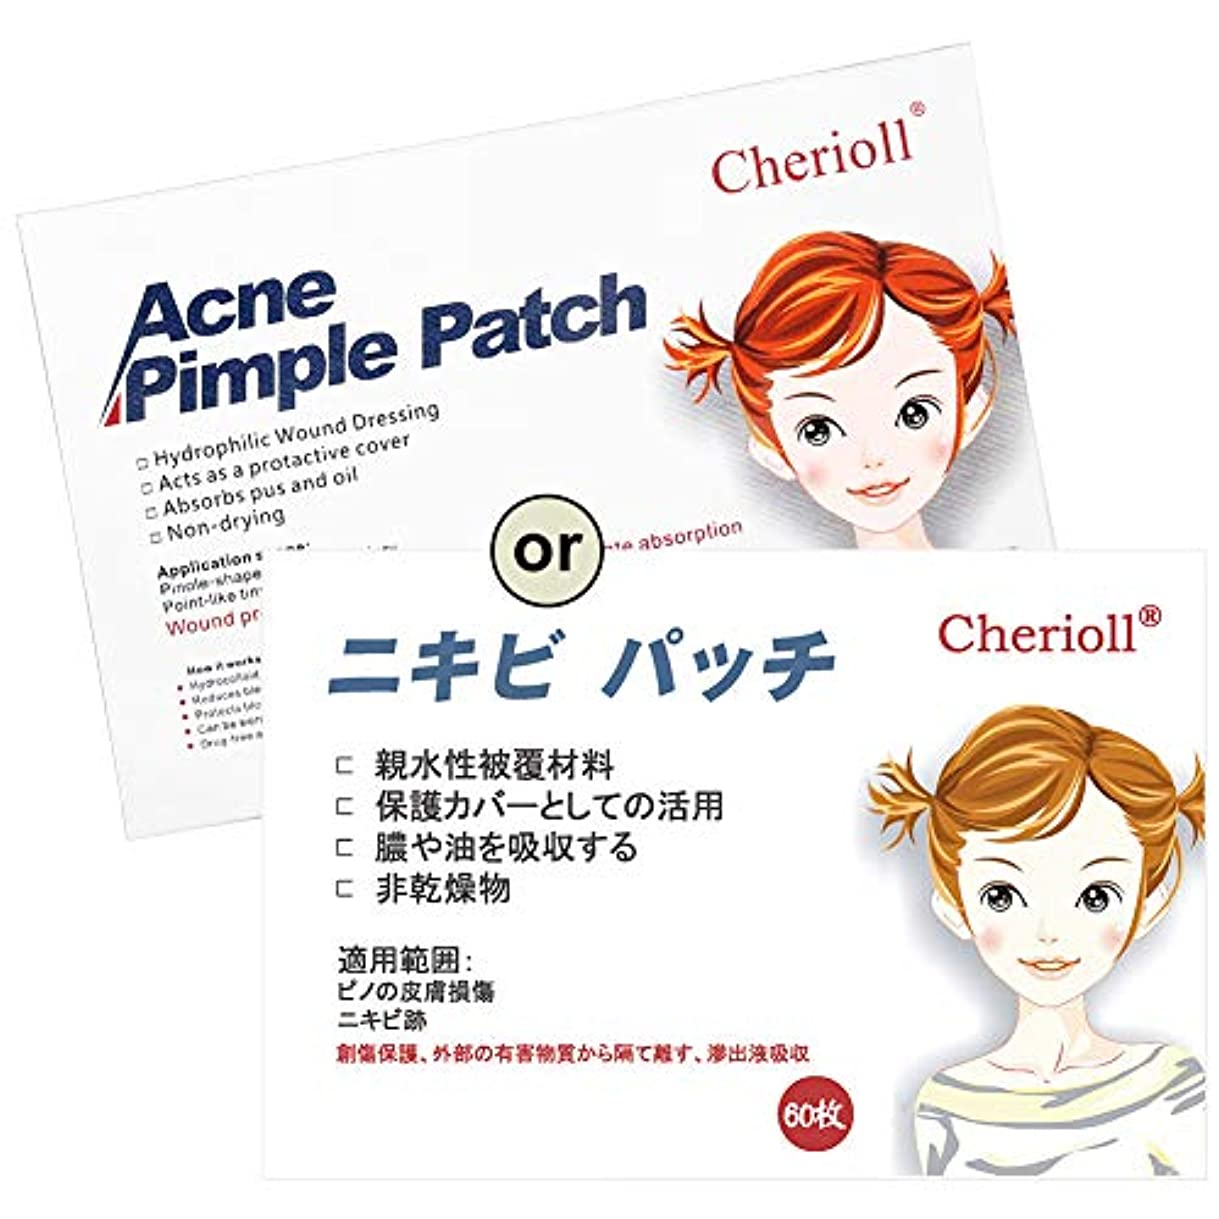 歪める魔女変化するソルーション クリア スポット パッチ Acne Pimple Patch 集中ケアシート